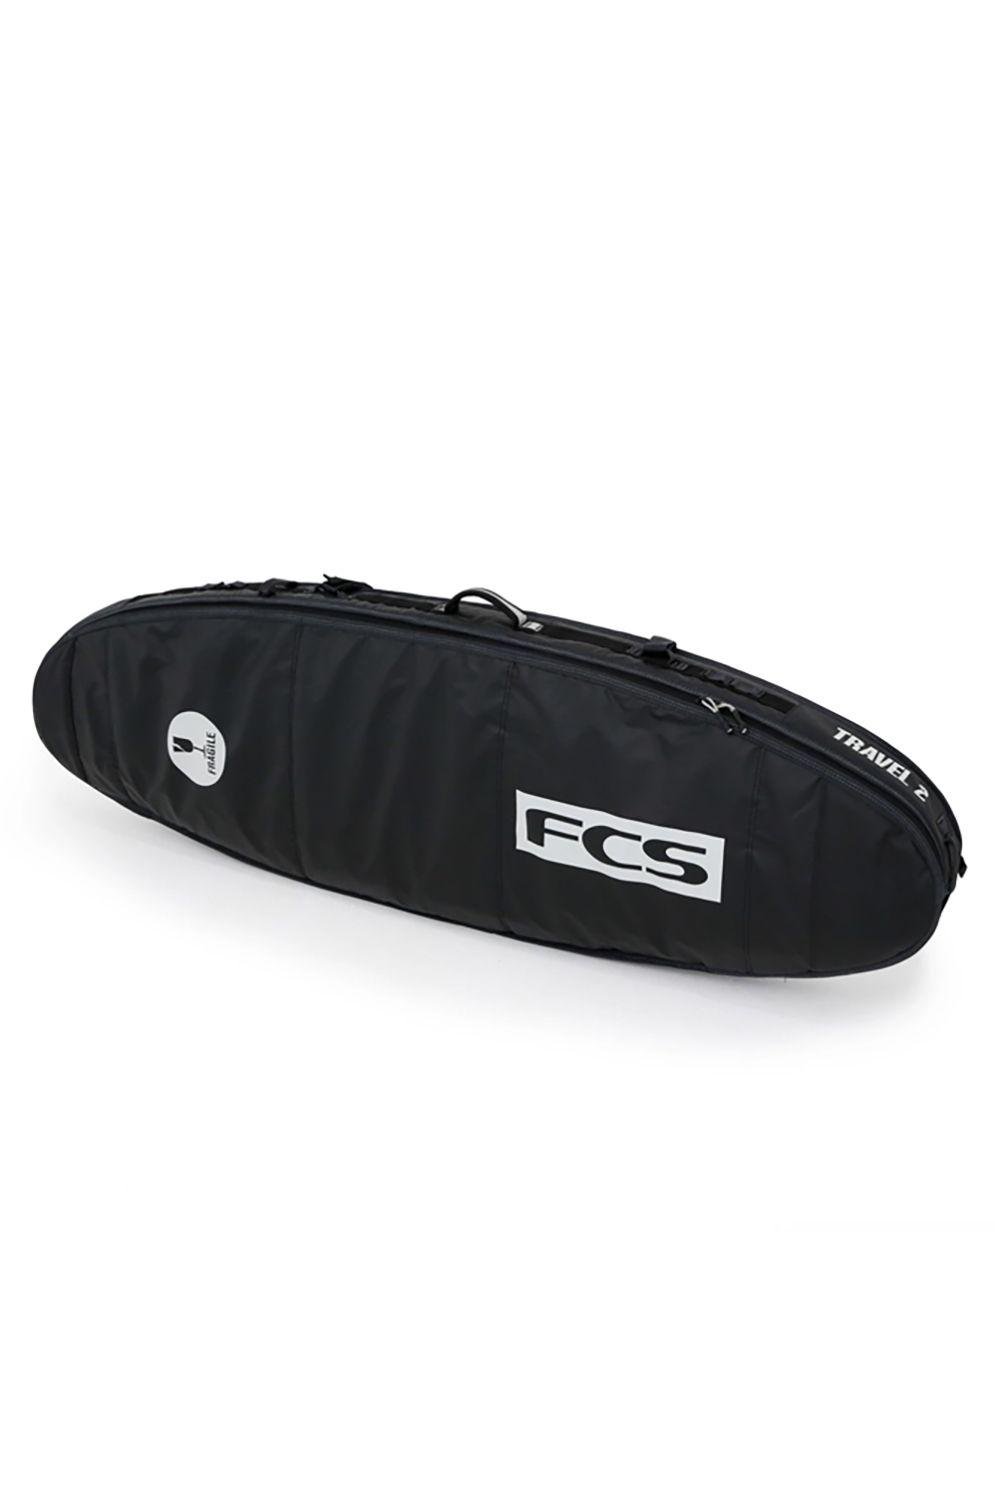 Fcs Boardbag TRAVEL 2 FUN BOARD 6'3 Black/Grey